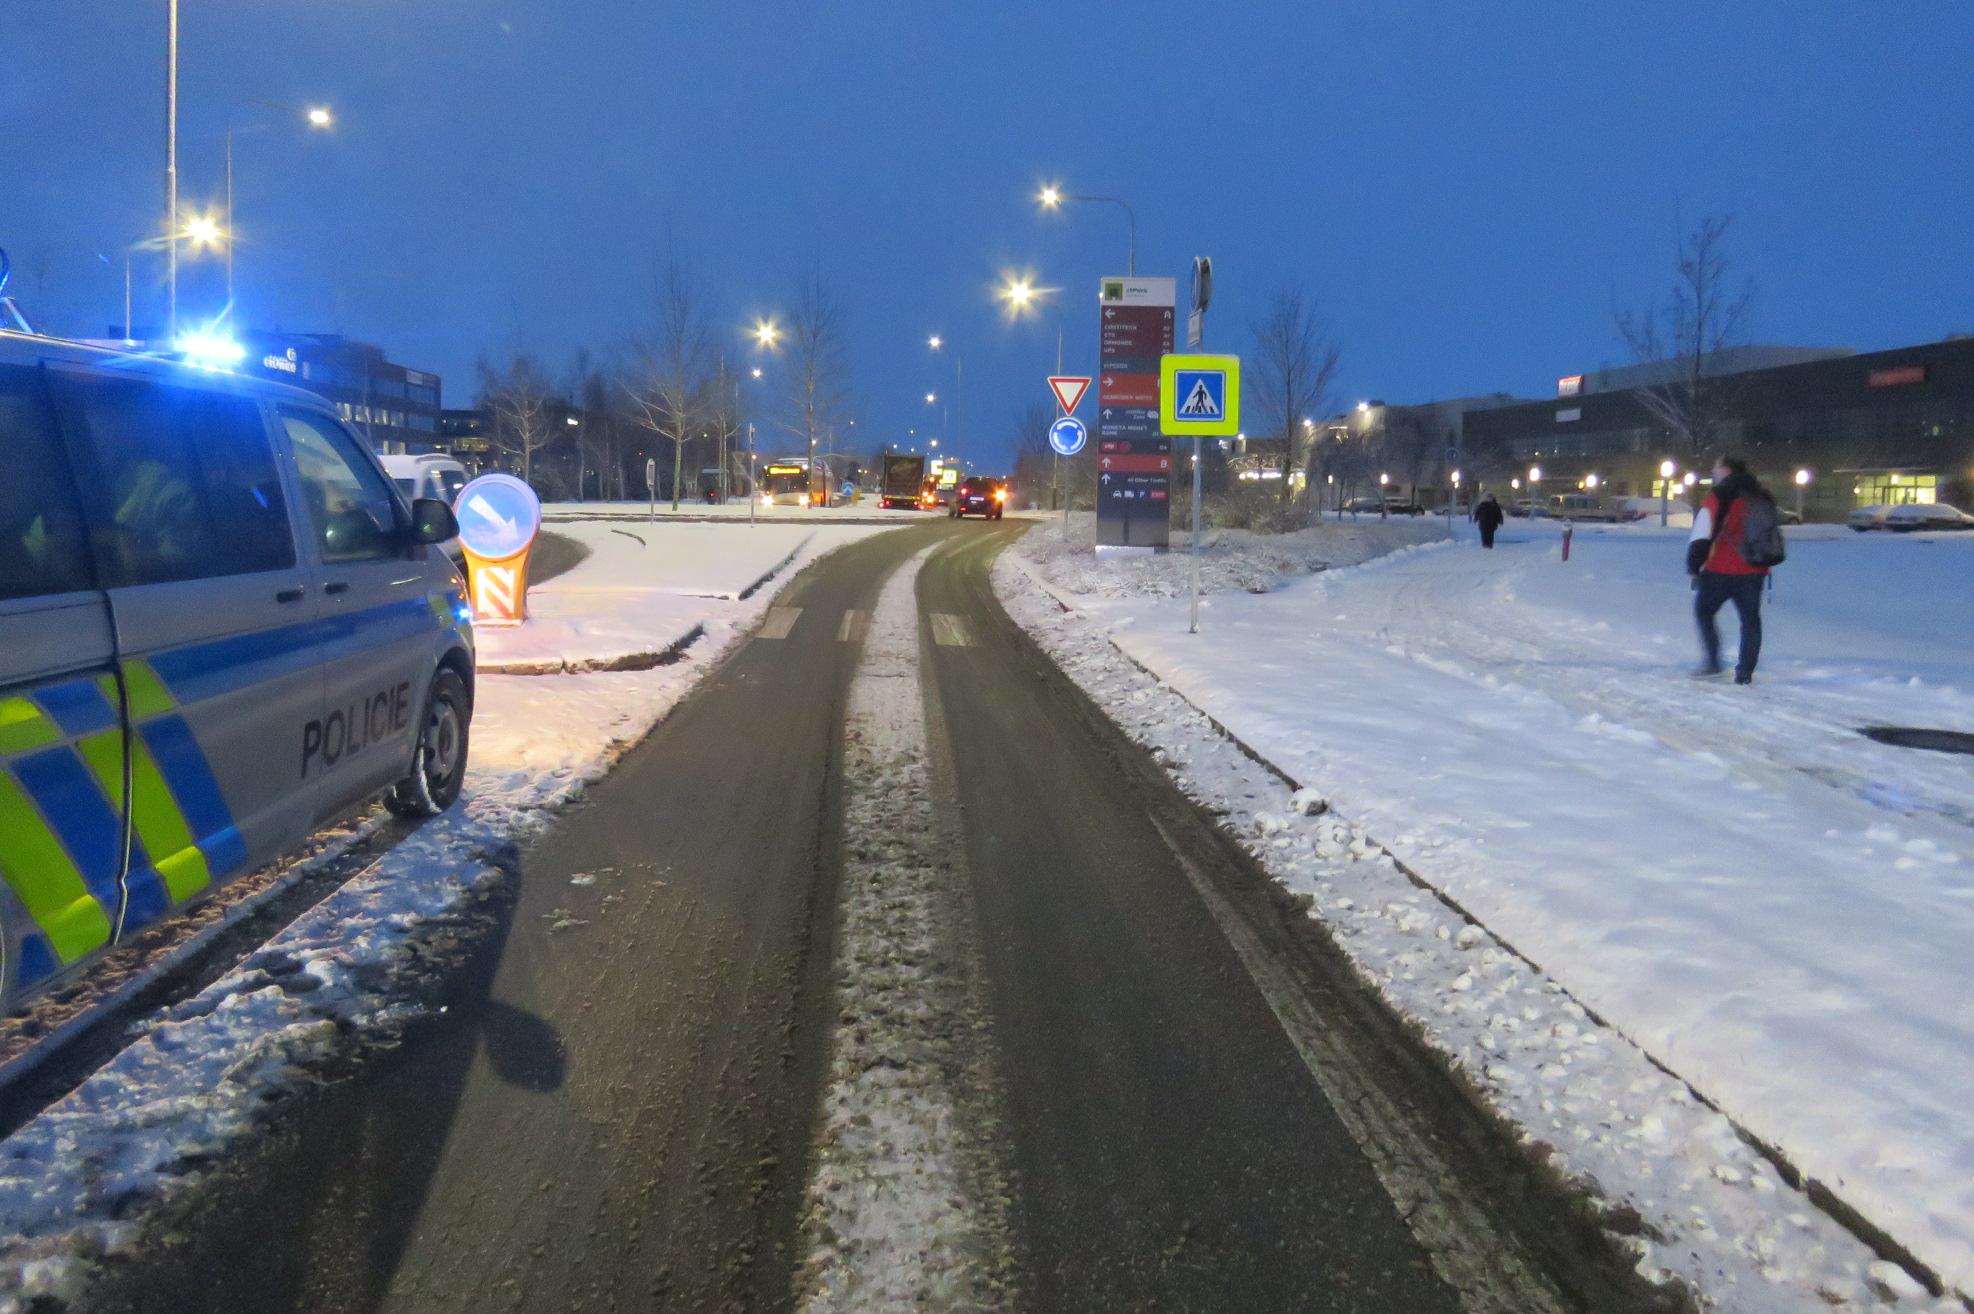 Policie hledá svědky dopravní nehody, kdy došlo ke sražení chodce